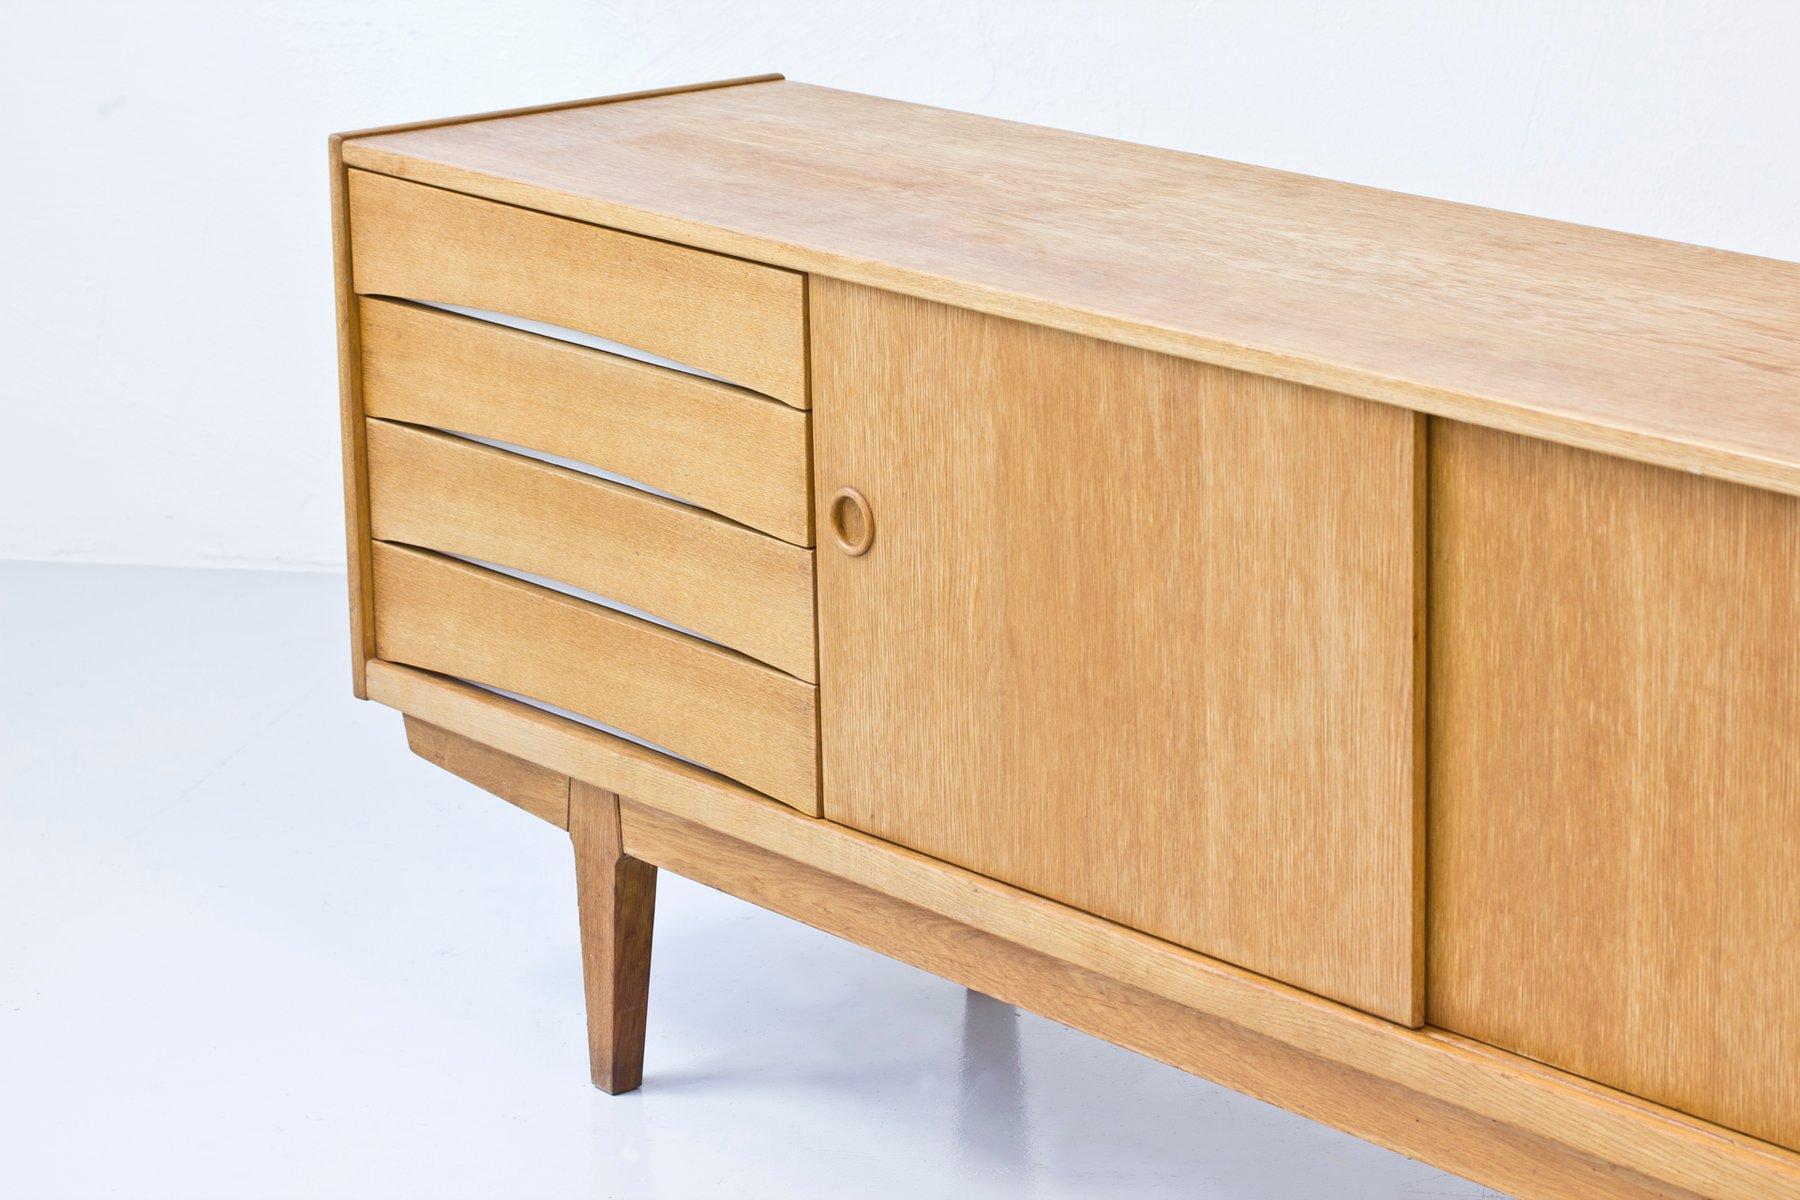 Ikea Sideboard Küche: Idee